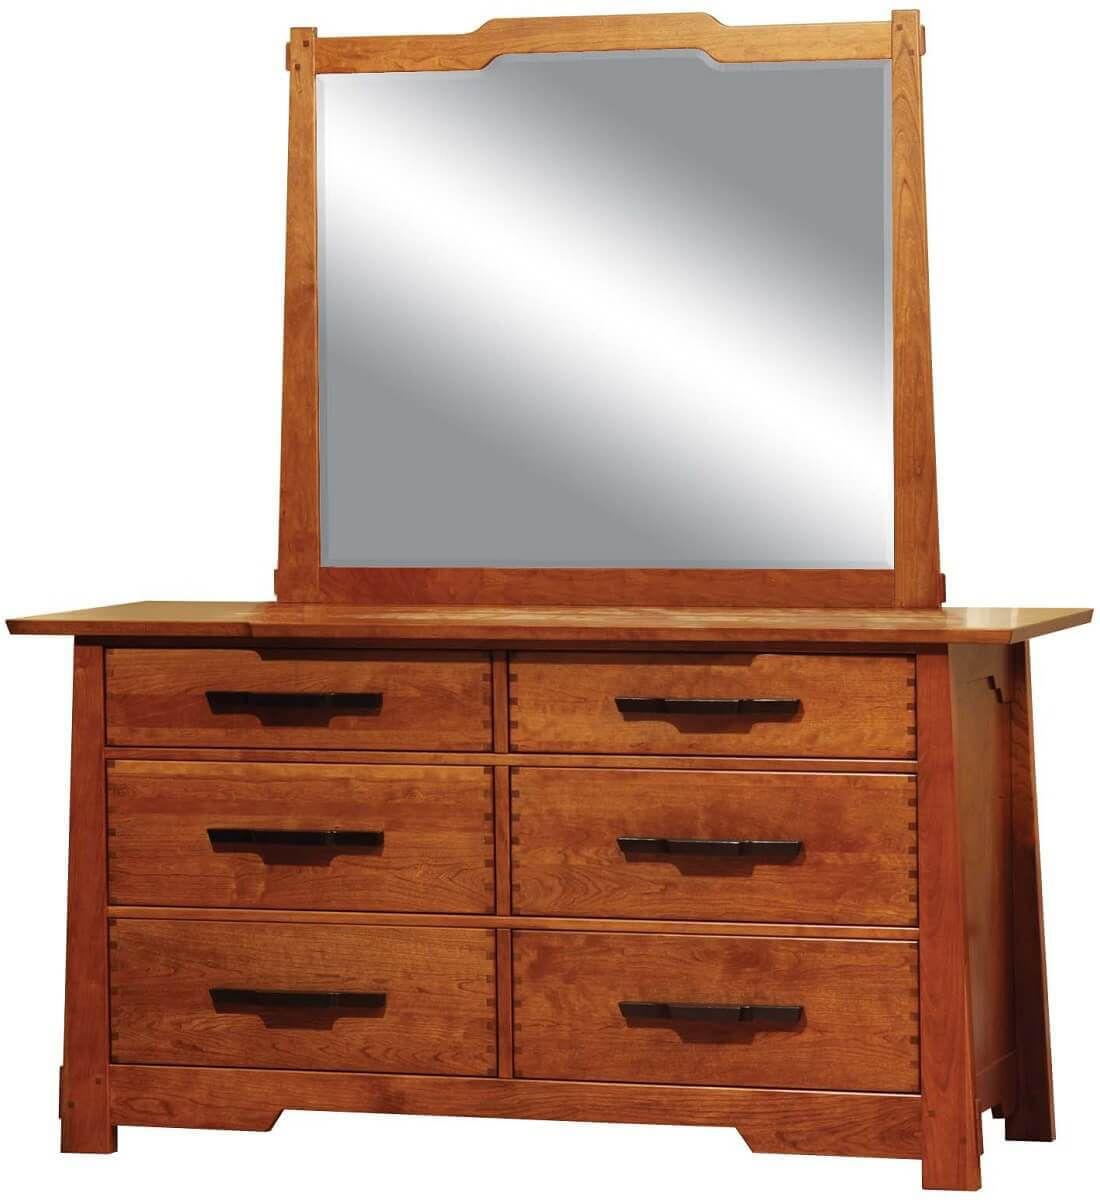 Yukon Mirror Dresser